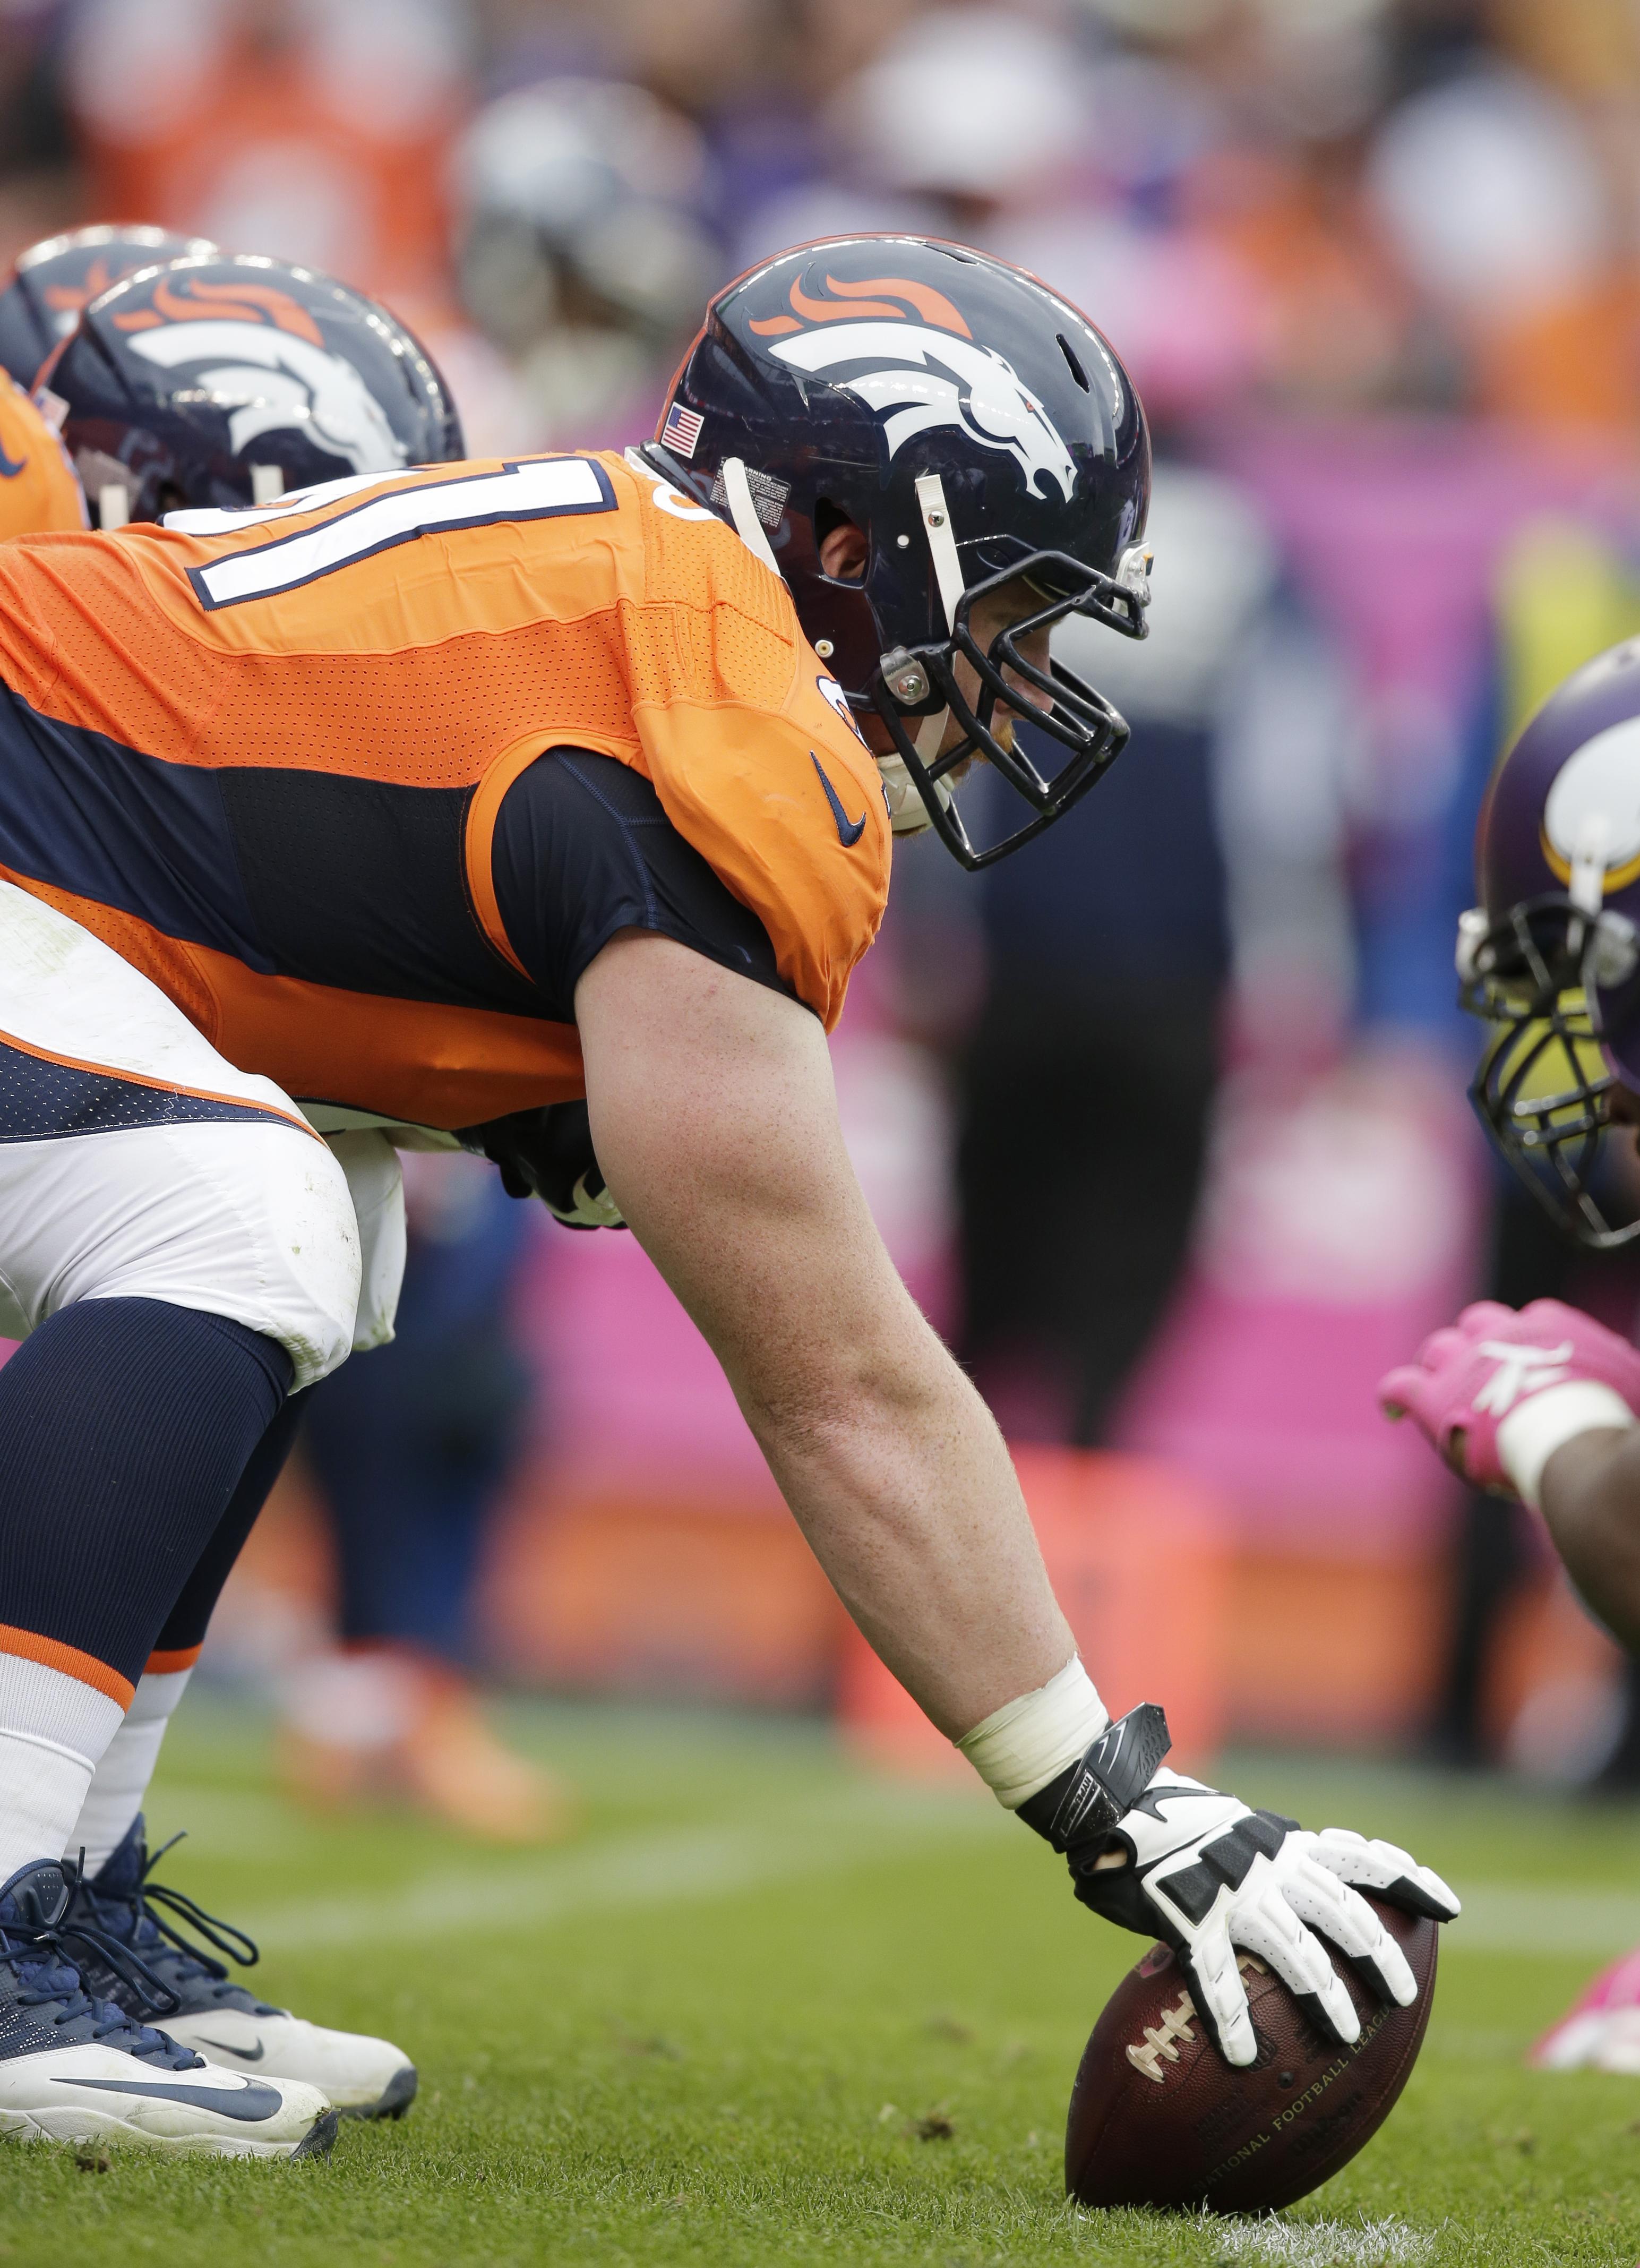 Broncos_anchor_football